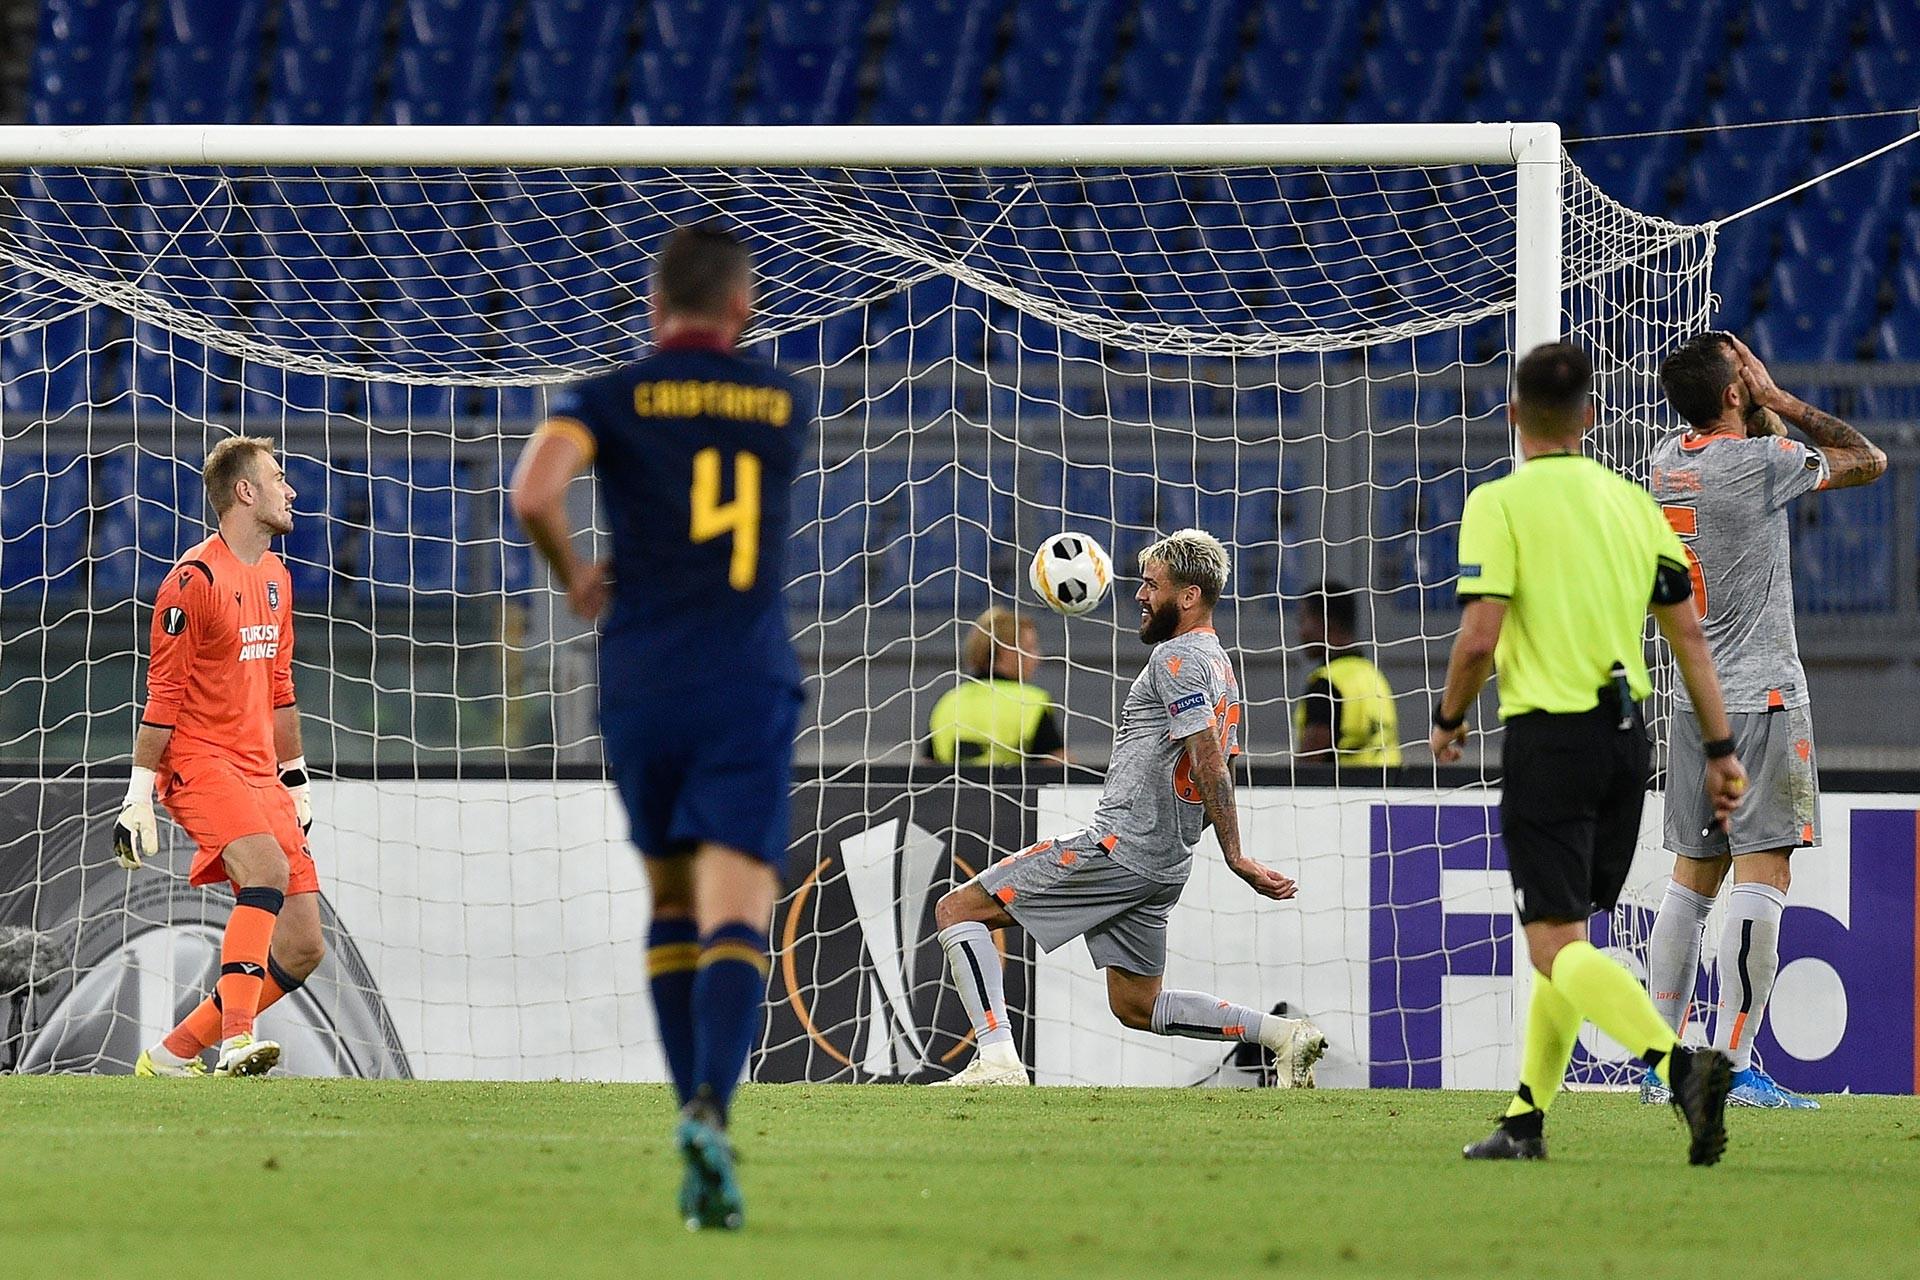 Başakşehirli futbolcu Caiçara, kendi kalesine attığı golle Roma'yı 1-0 öne geçirdi